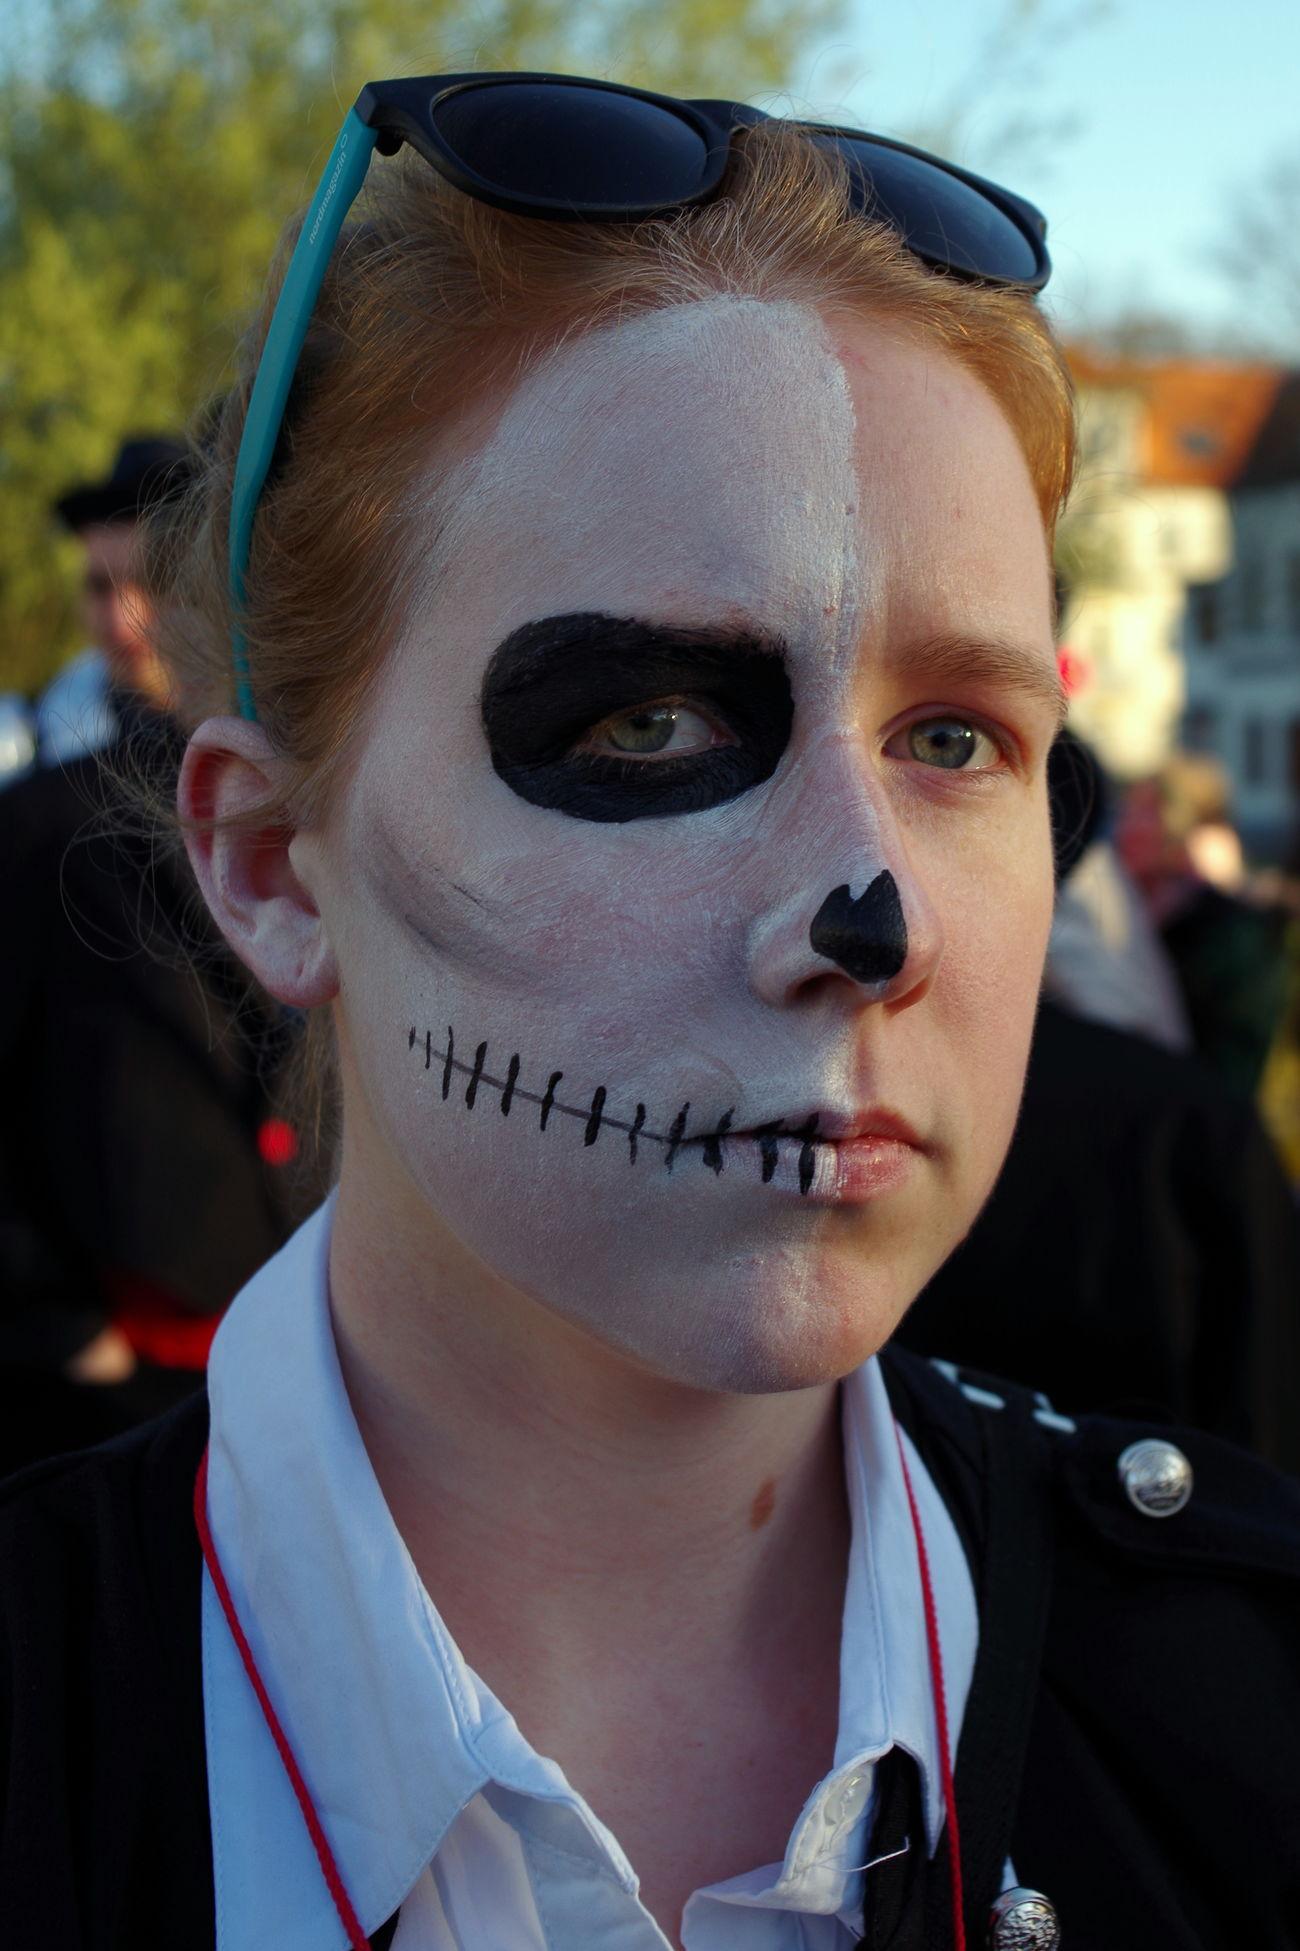 Letzter Schultag - ZABIRKUS die Künstler verlassen die Manege Draußen Gesicht Human Face Last Day Of School Letzter Schultag :* Maske  Meeting Point Outdoors Portrait The Portraitist - 2016 EyeEm Awards Treffpunkt